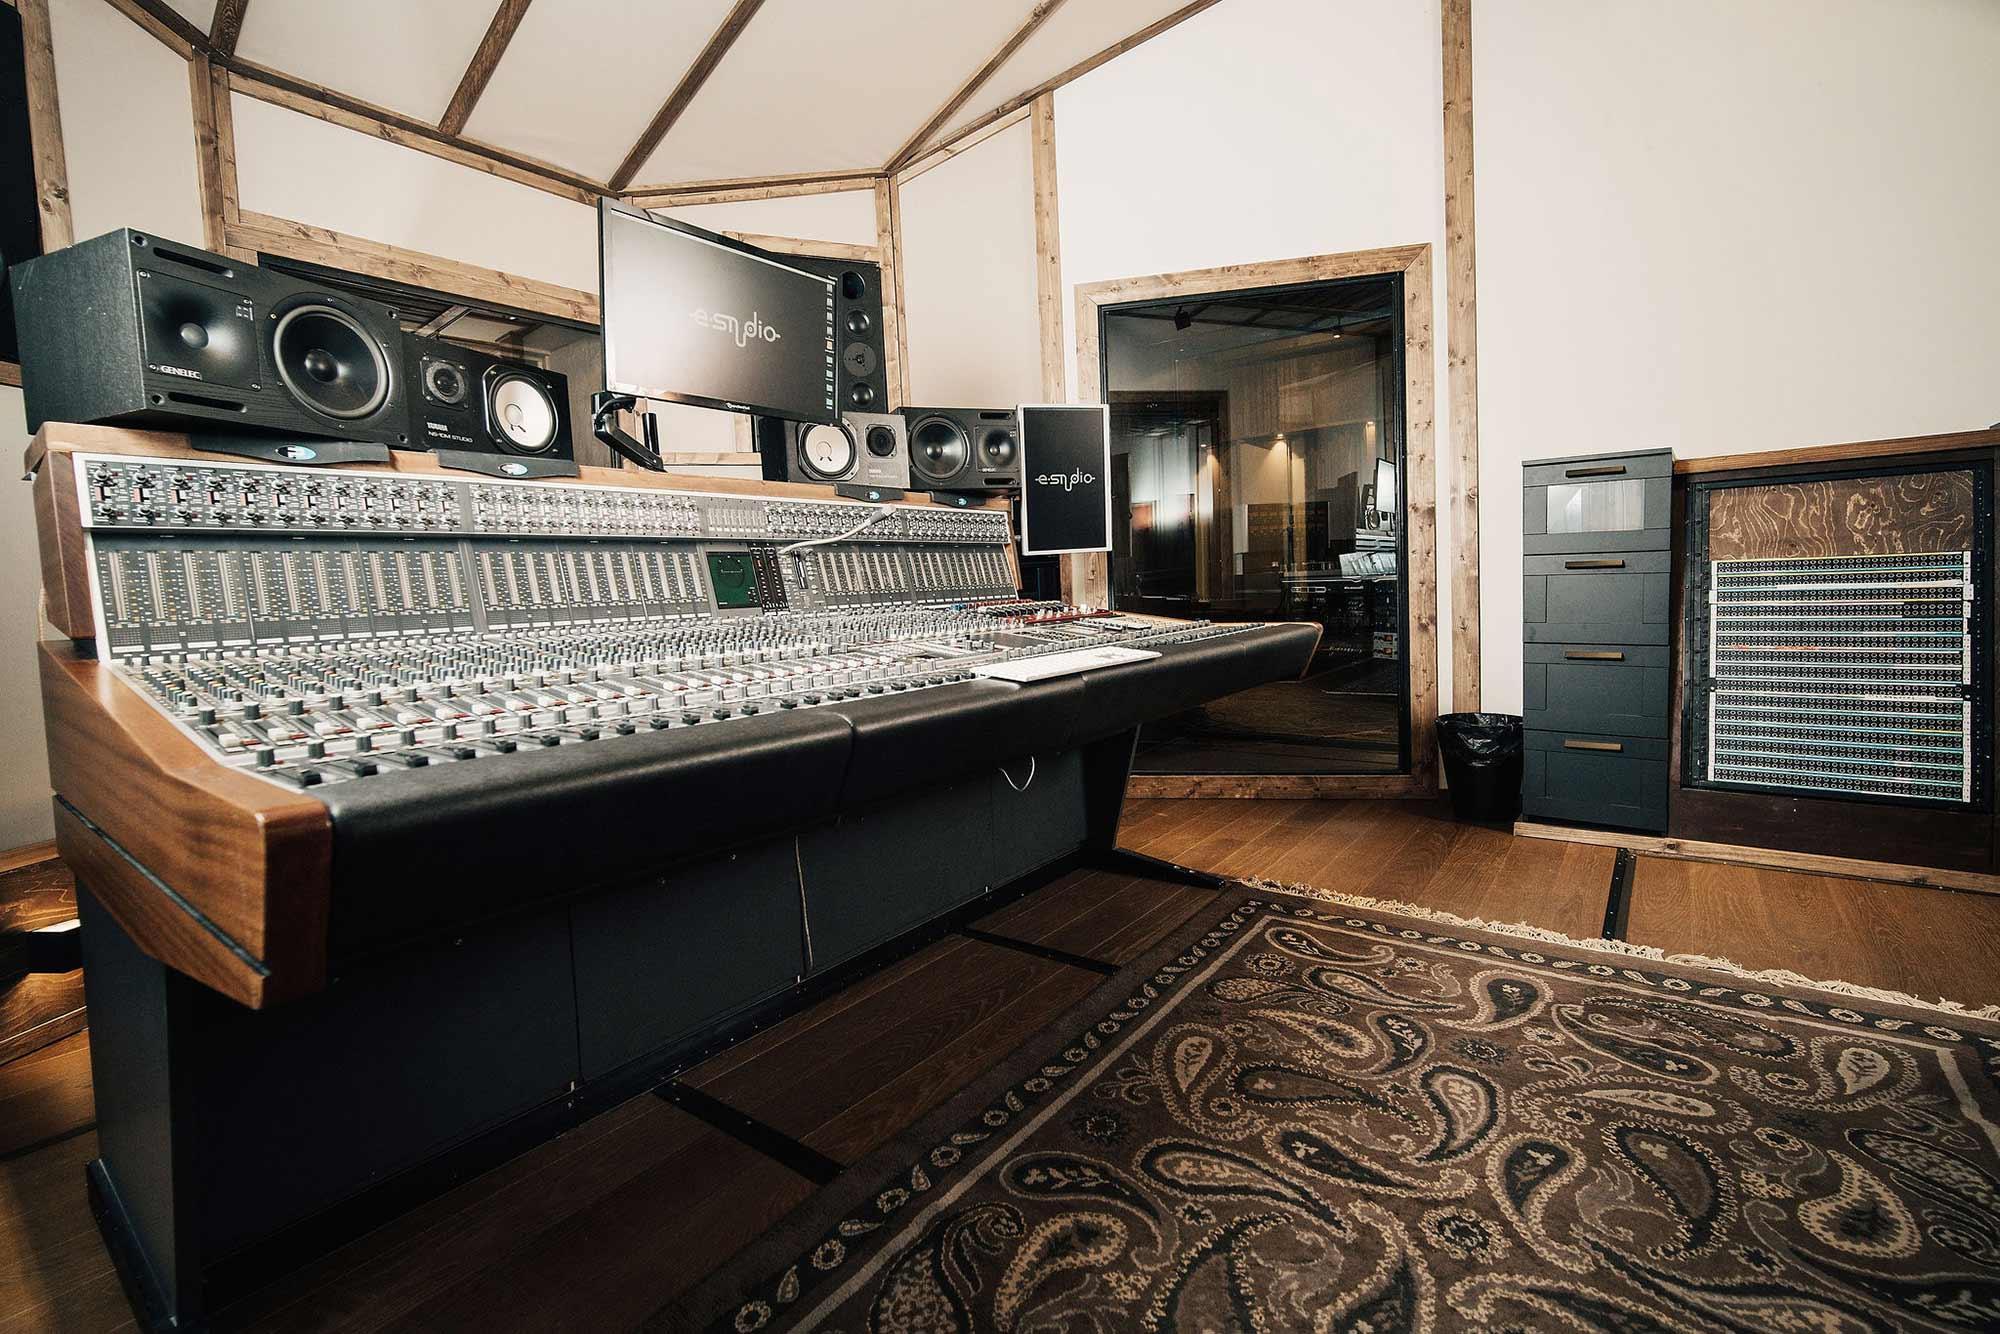 E-studio-studio